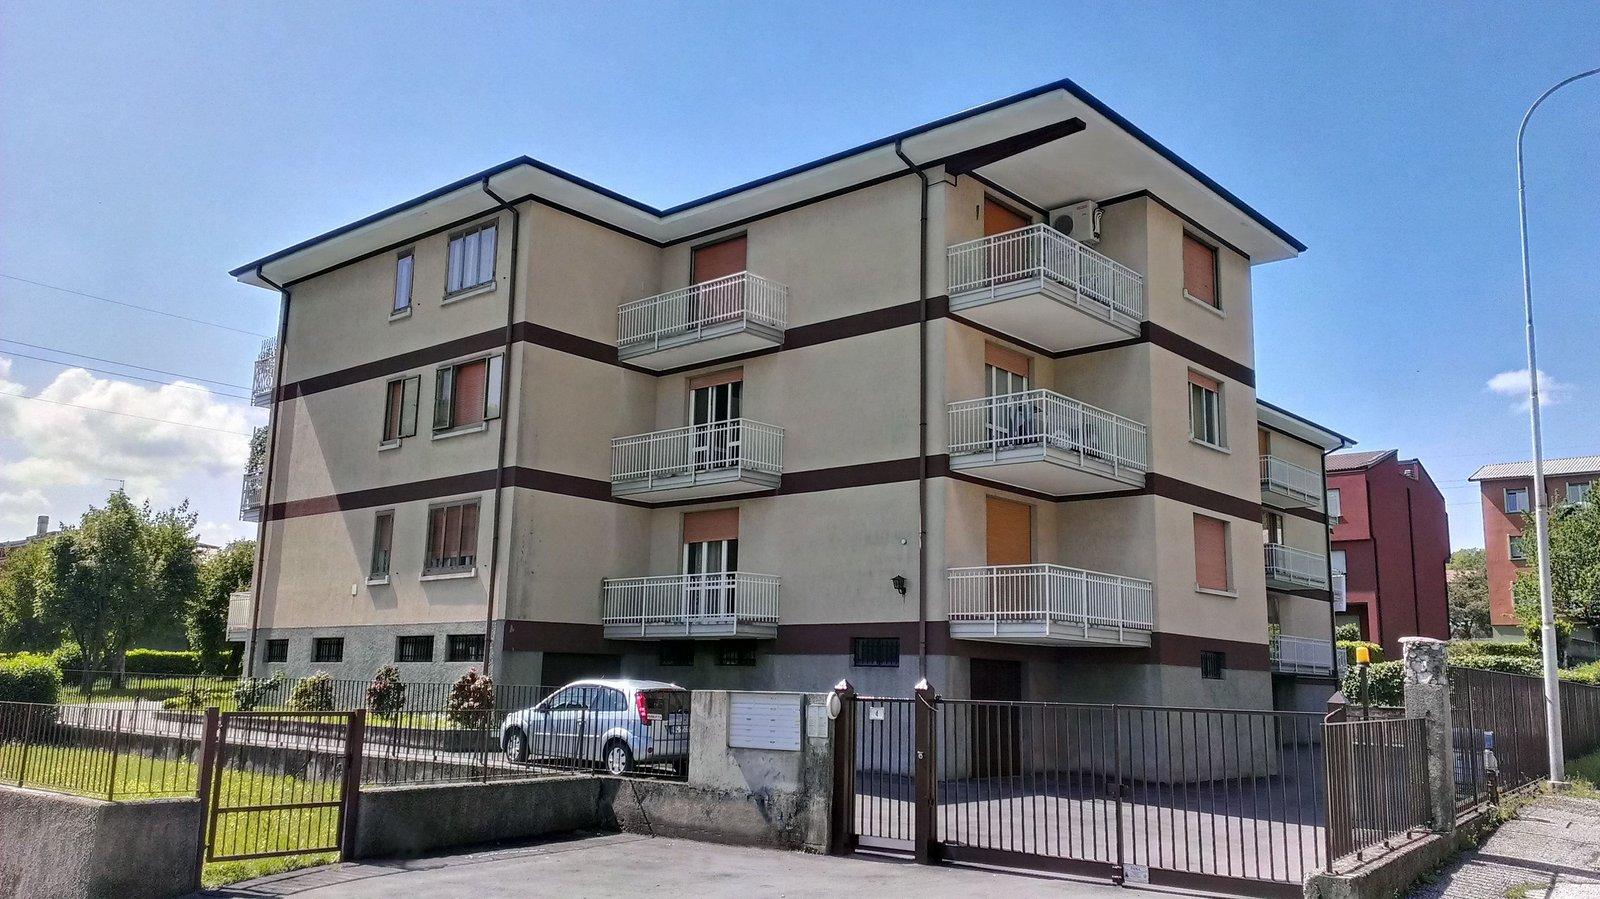 Appartamento in vendita a Civate, 3 locali, prezzo € 120.000 | Cambio Casa.it